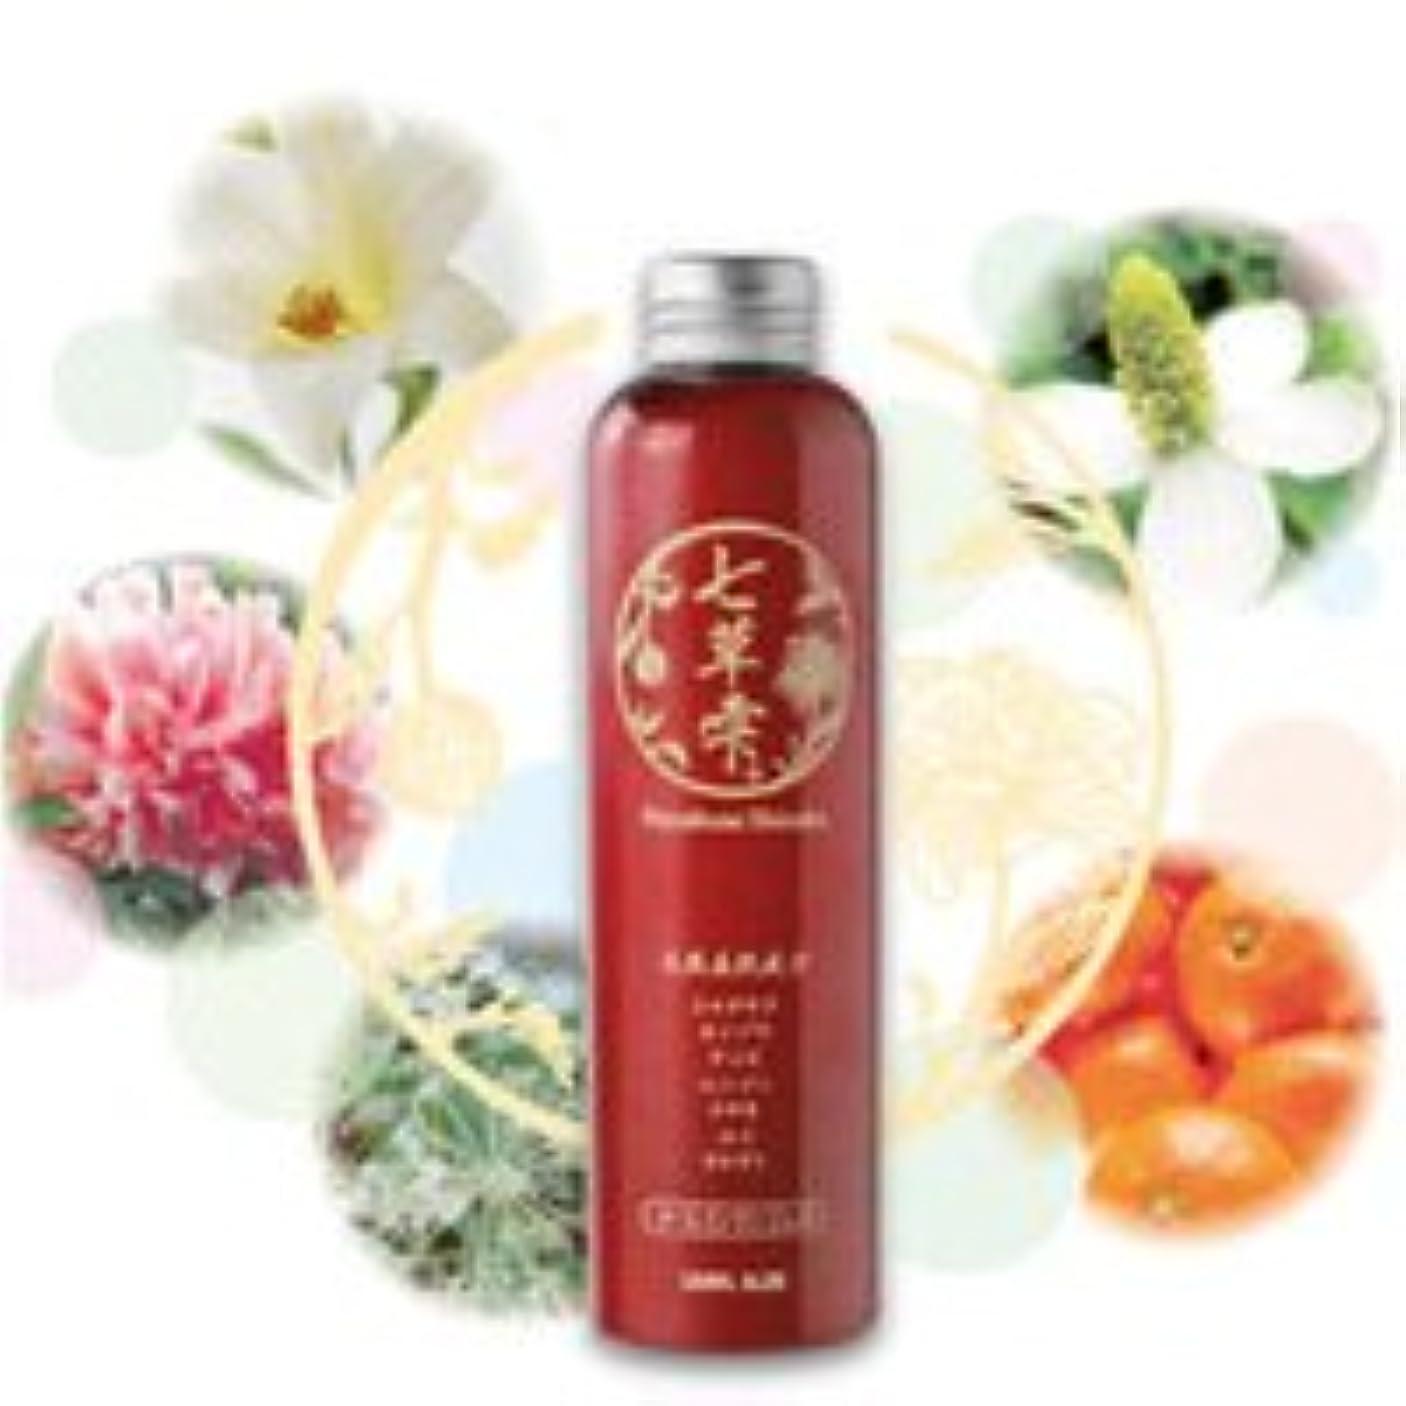 必要ない用心深いフラップ七草雫 化粧水 さっぱりタイプ 200ml / フタバ化学 リーブルアロエ